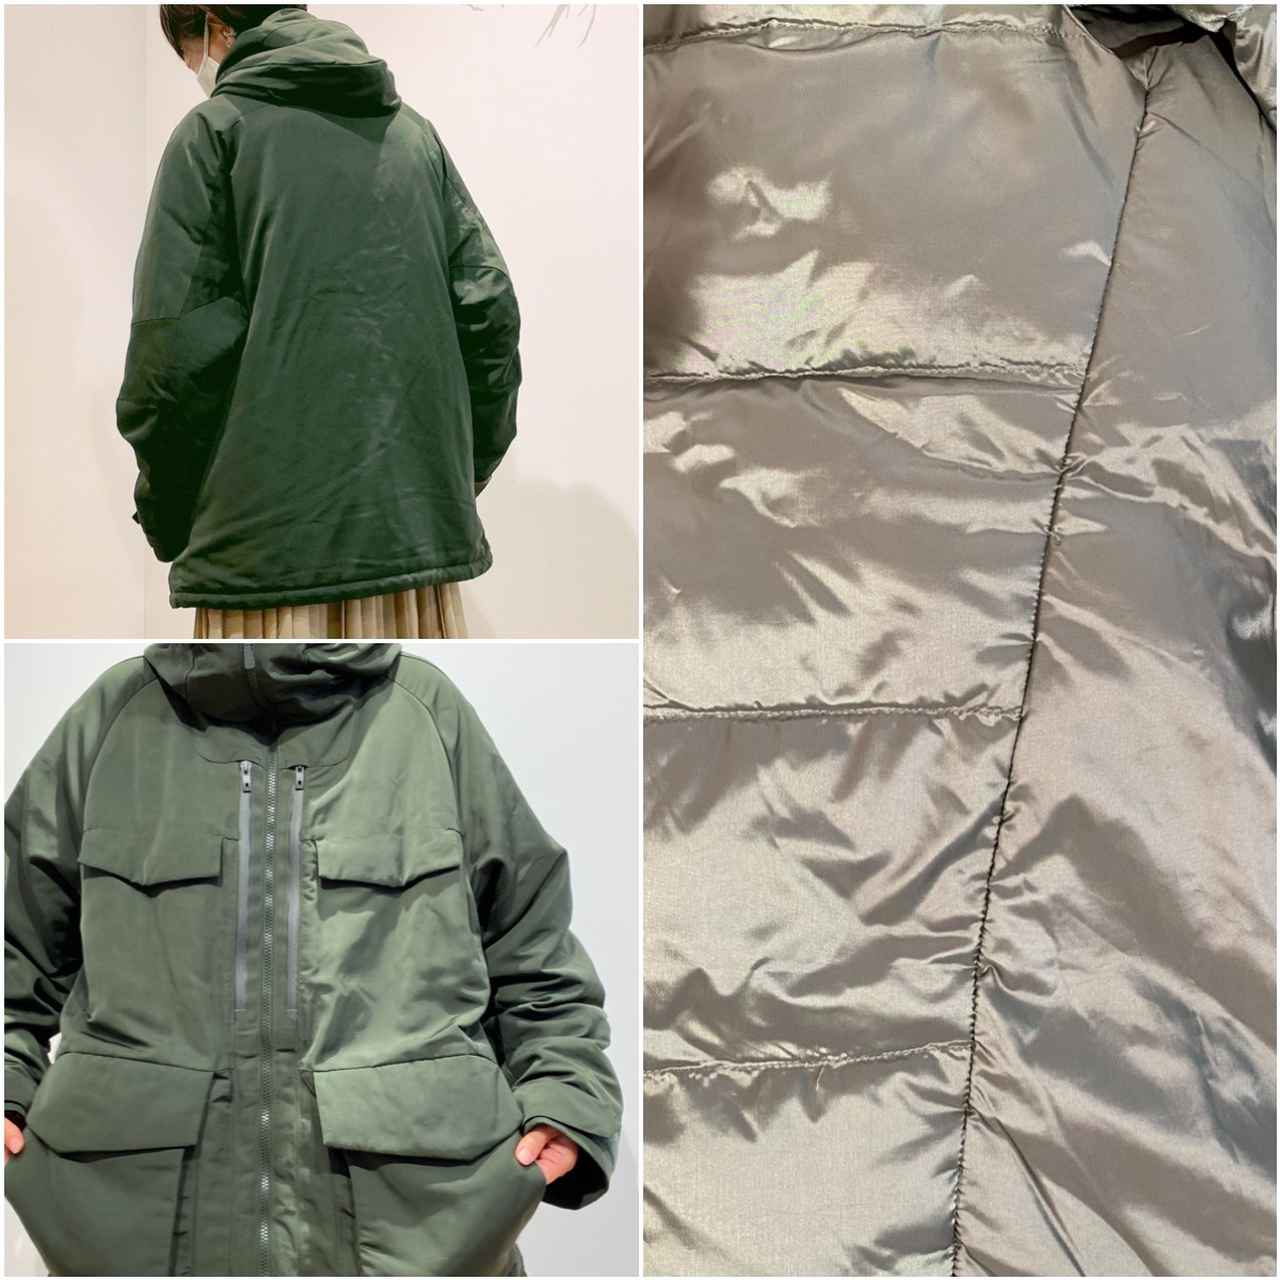 画像2: ハイブリッドダウンオーバーサイズパーカ¥12,900/ユニクロ(ユニクロ アンド ホワイトマウンテニアリング) 出典:fashion trend news